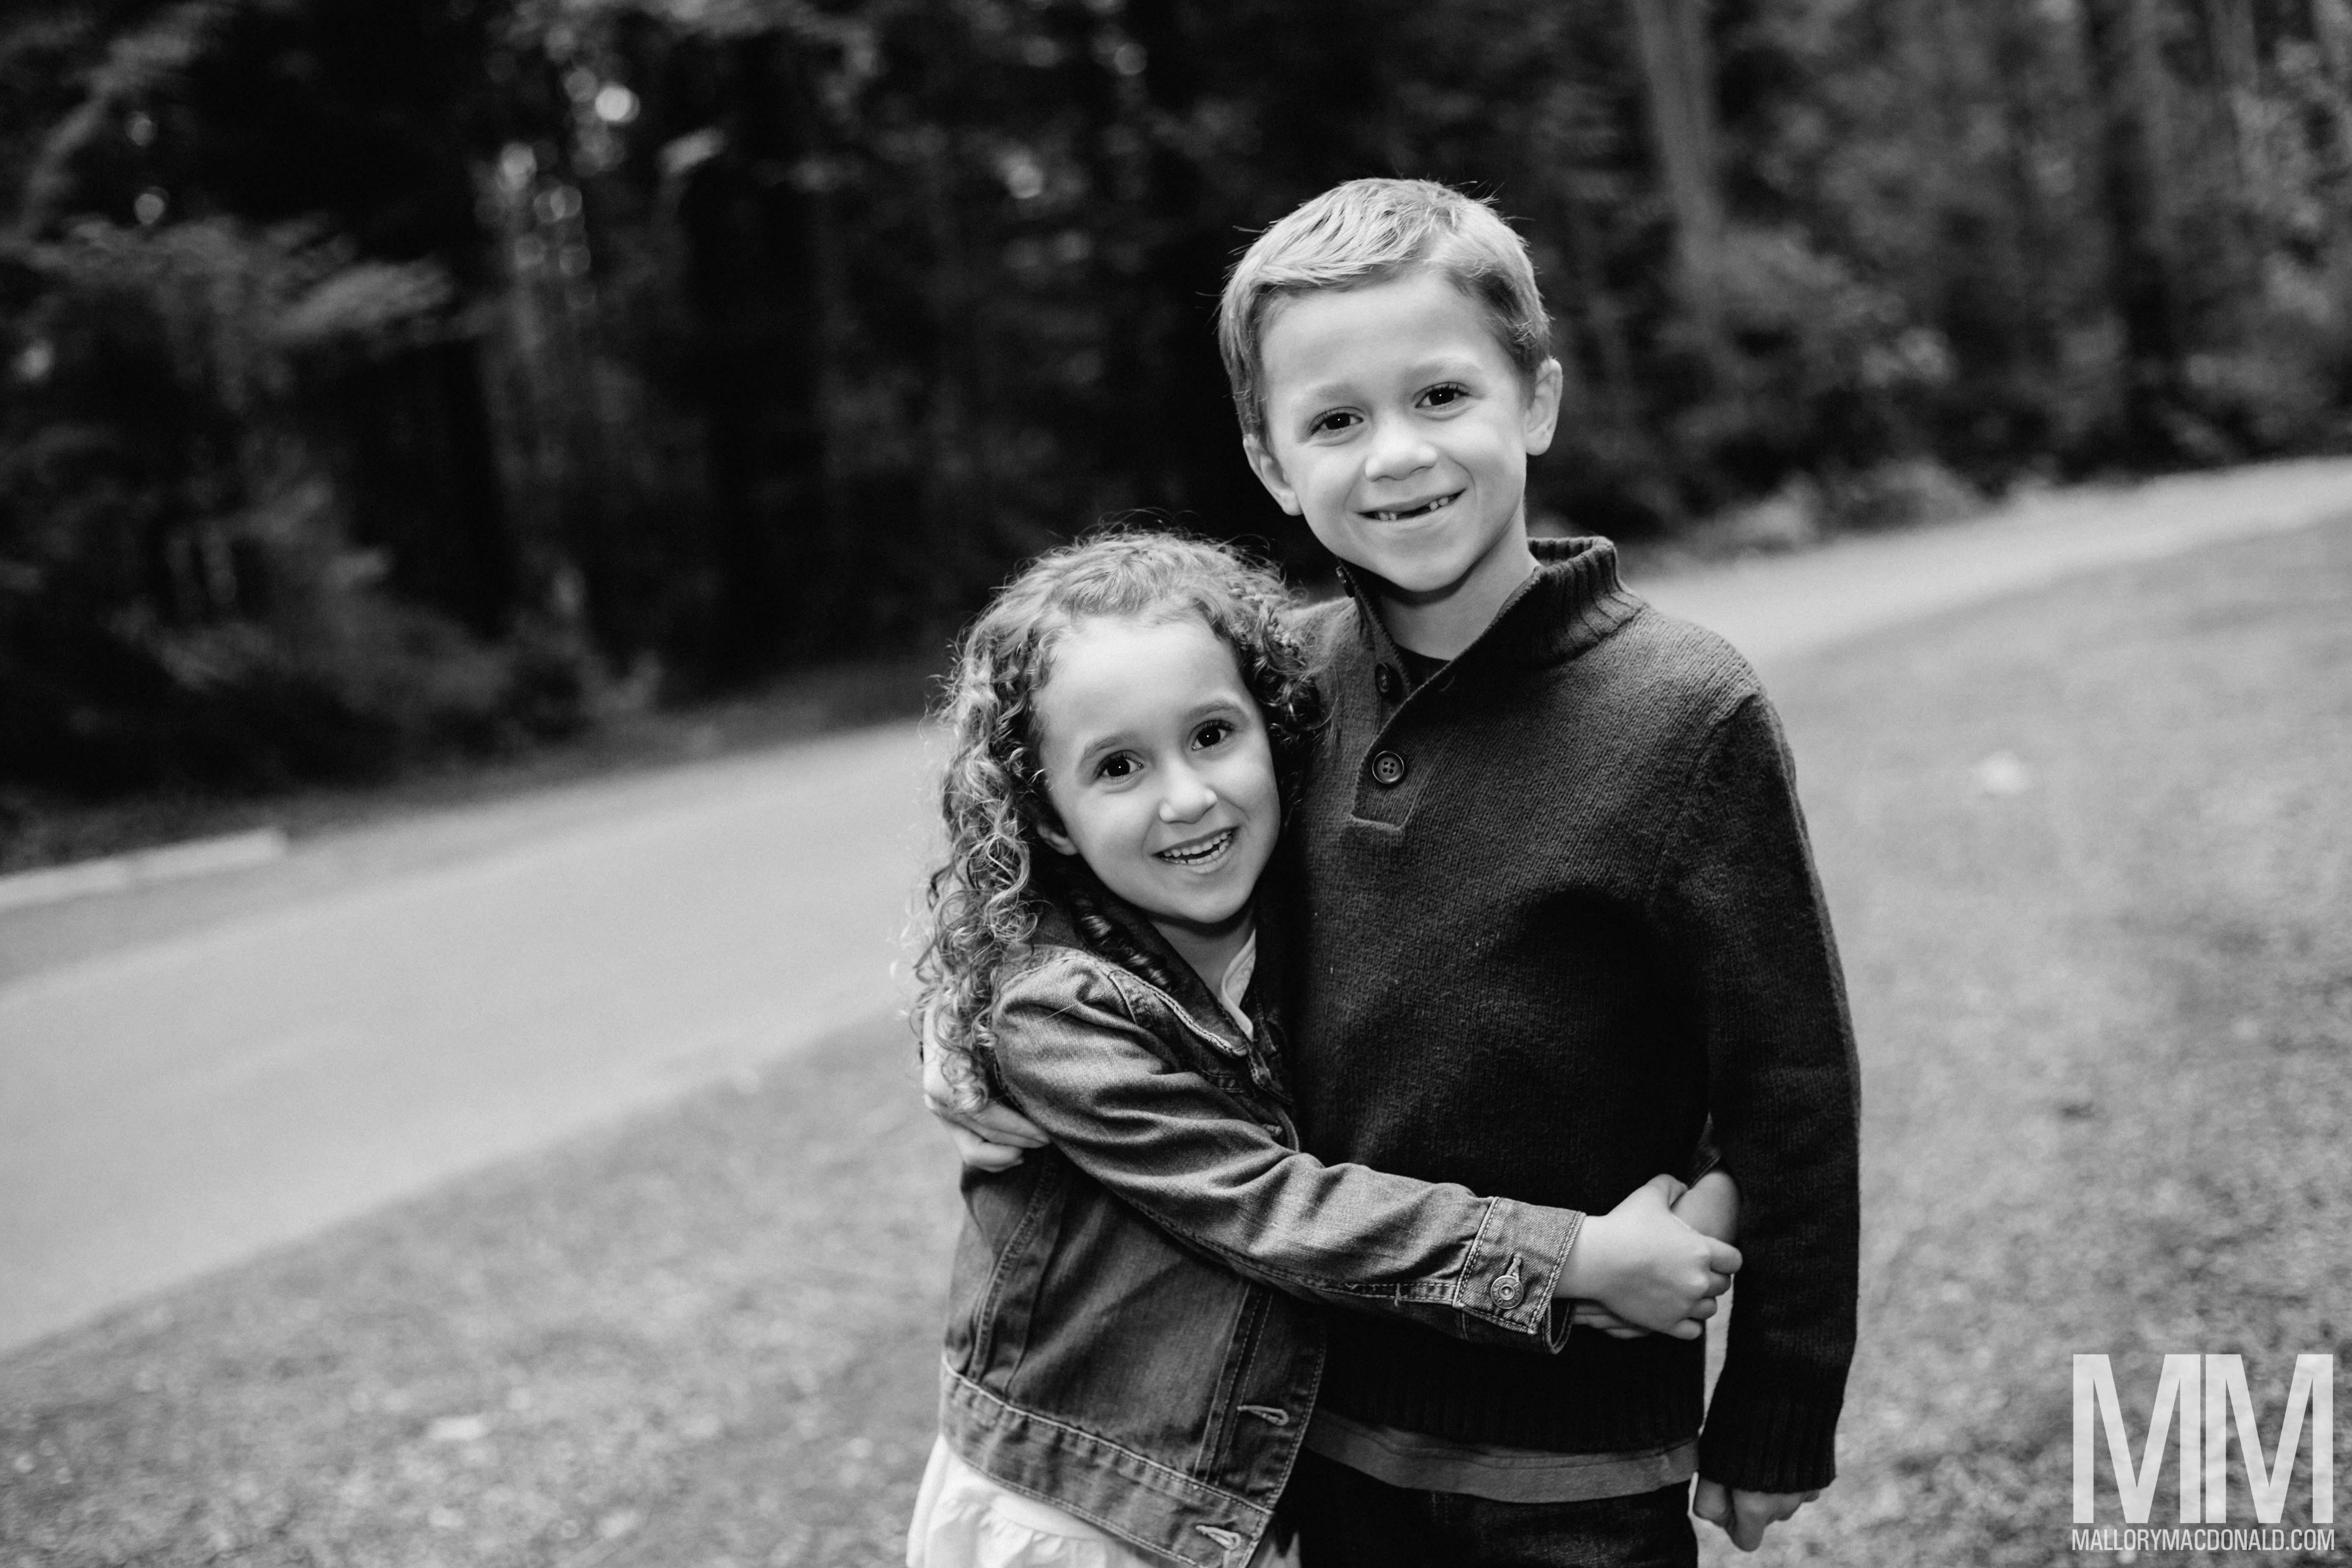 seattle childrens photographer-mallory macdonald-redmond-farrel mcwhirter park-children-families-2-6